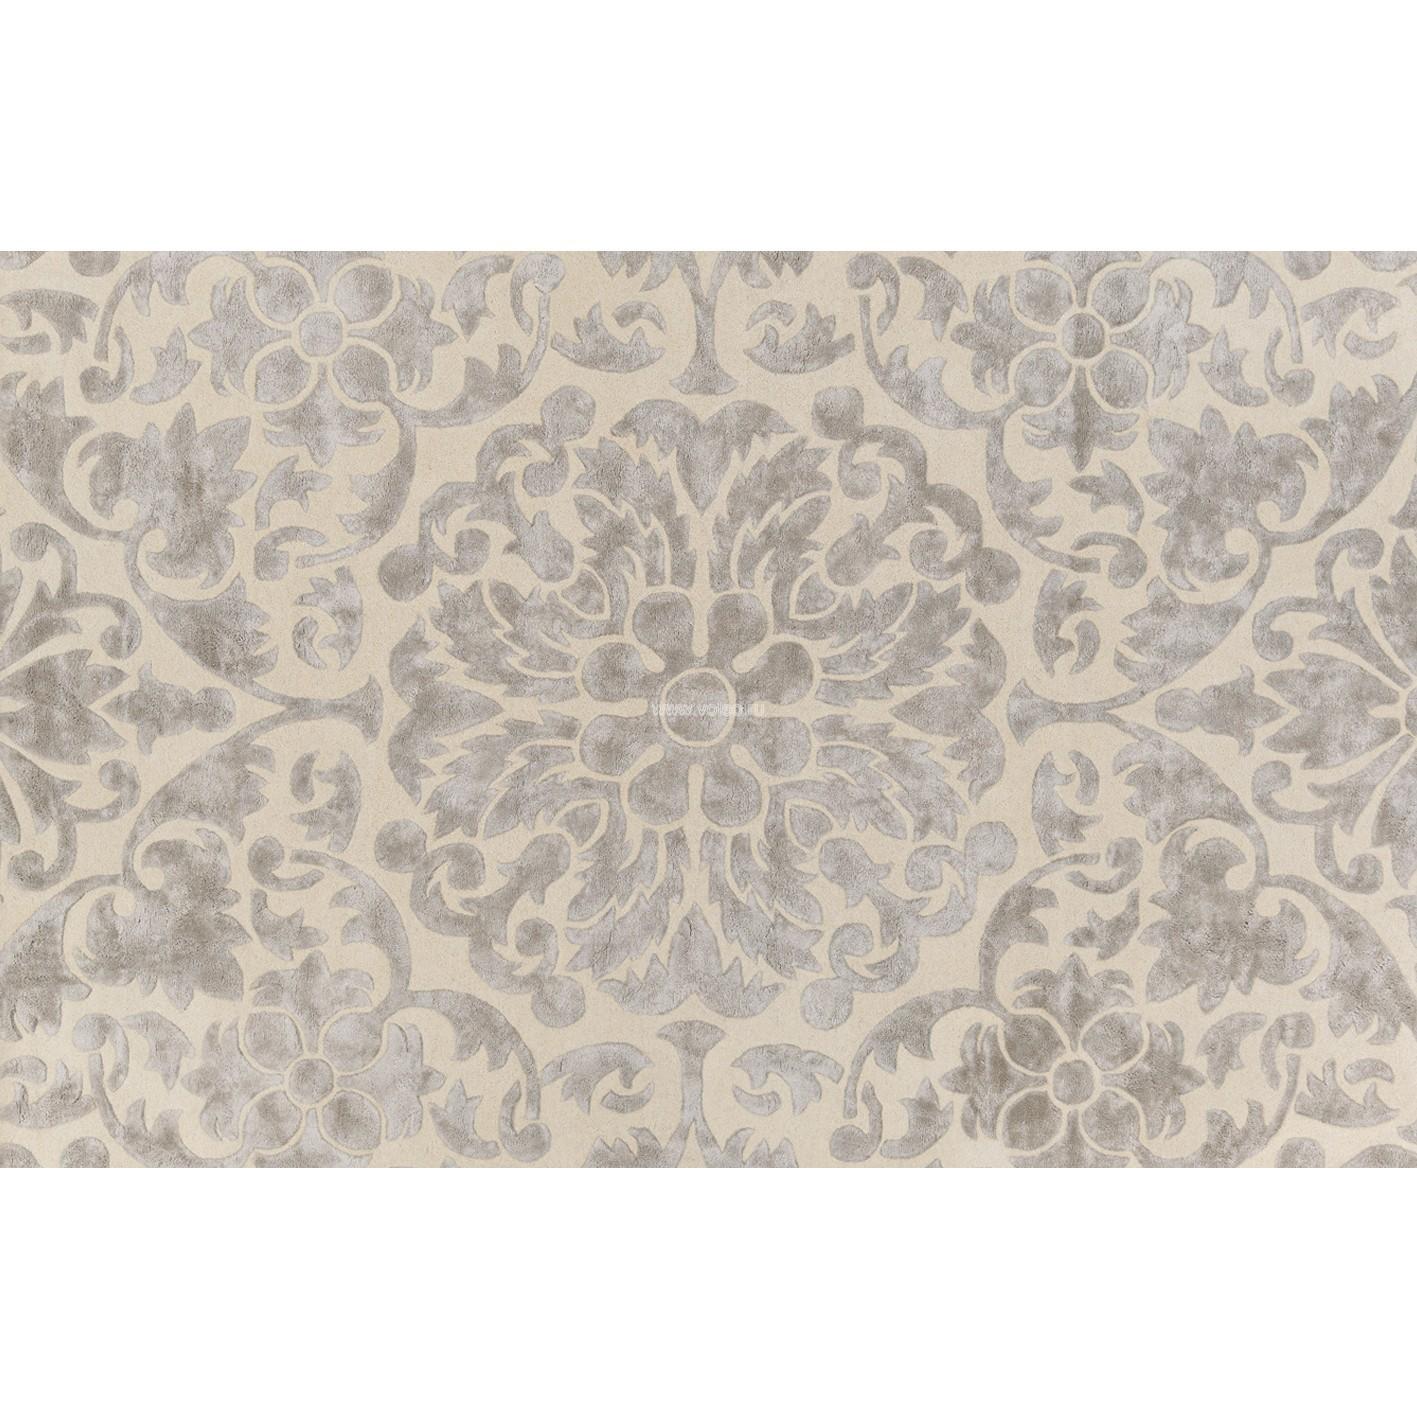 Ковер Designers Guild Royal Collection Cabochon Chalk DHRRC0386, интернет магазин Волео